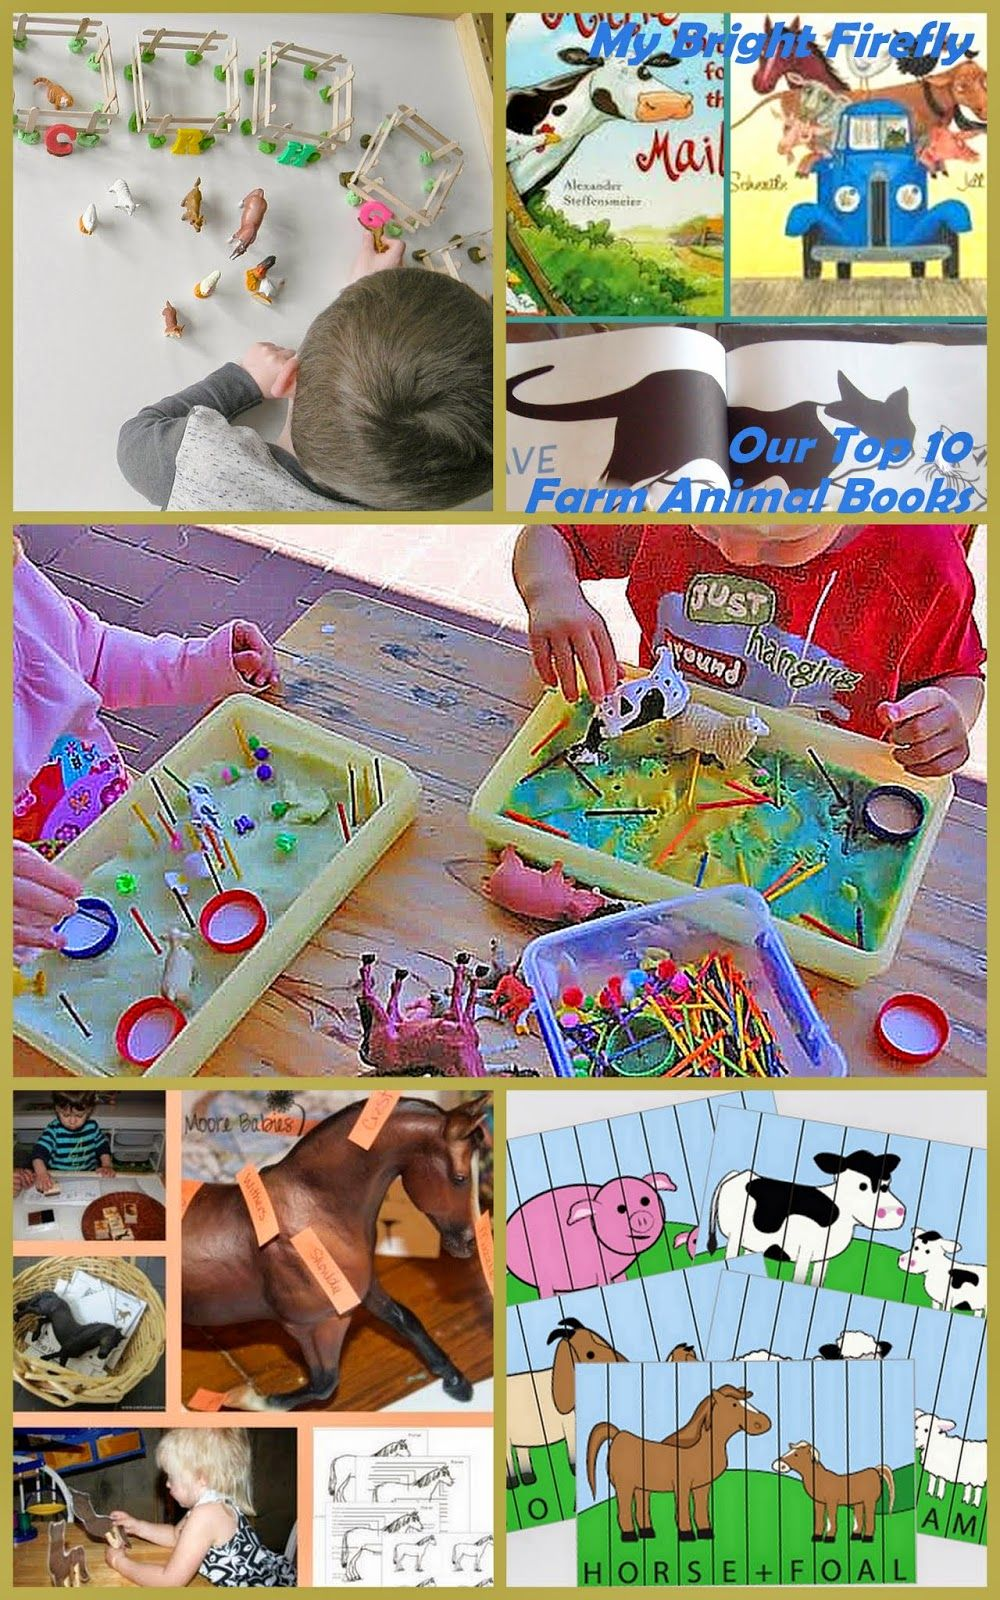 Farm Animals Preschool Theme Books, Games, and Montessori